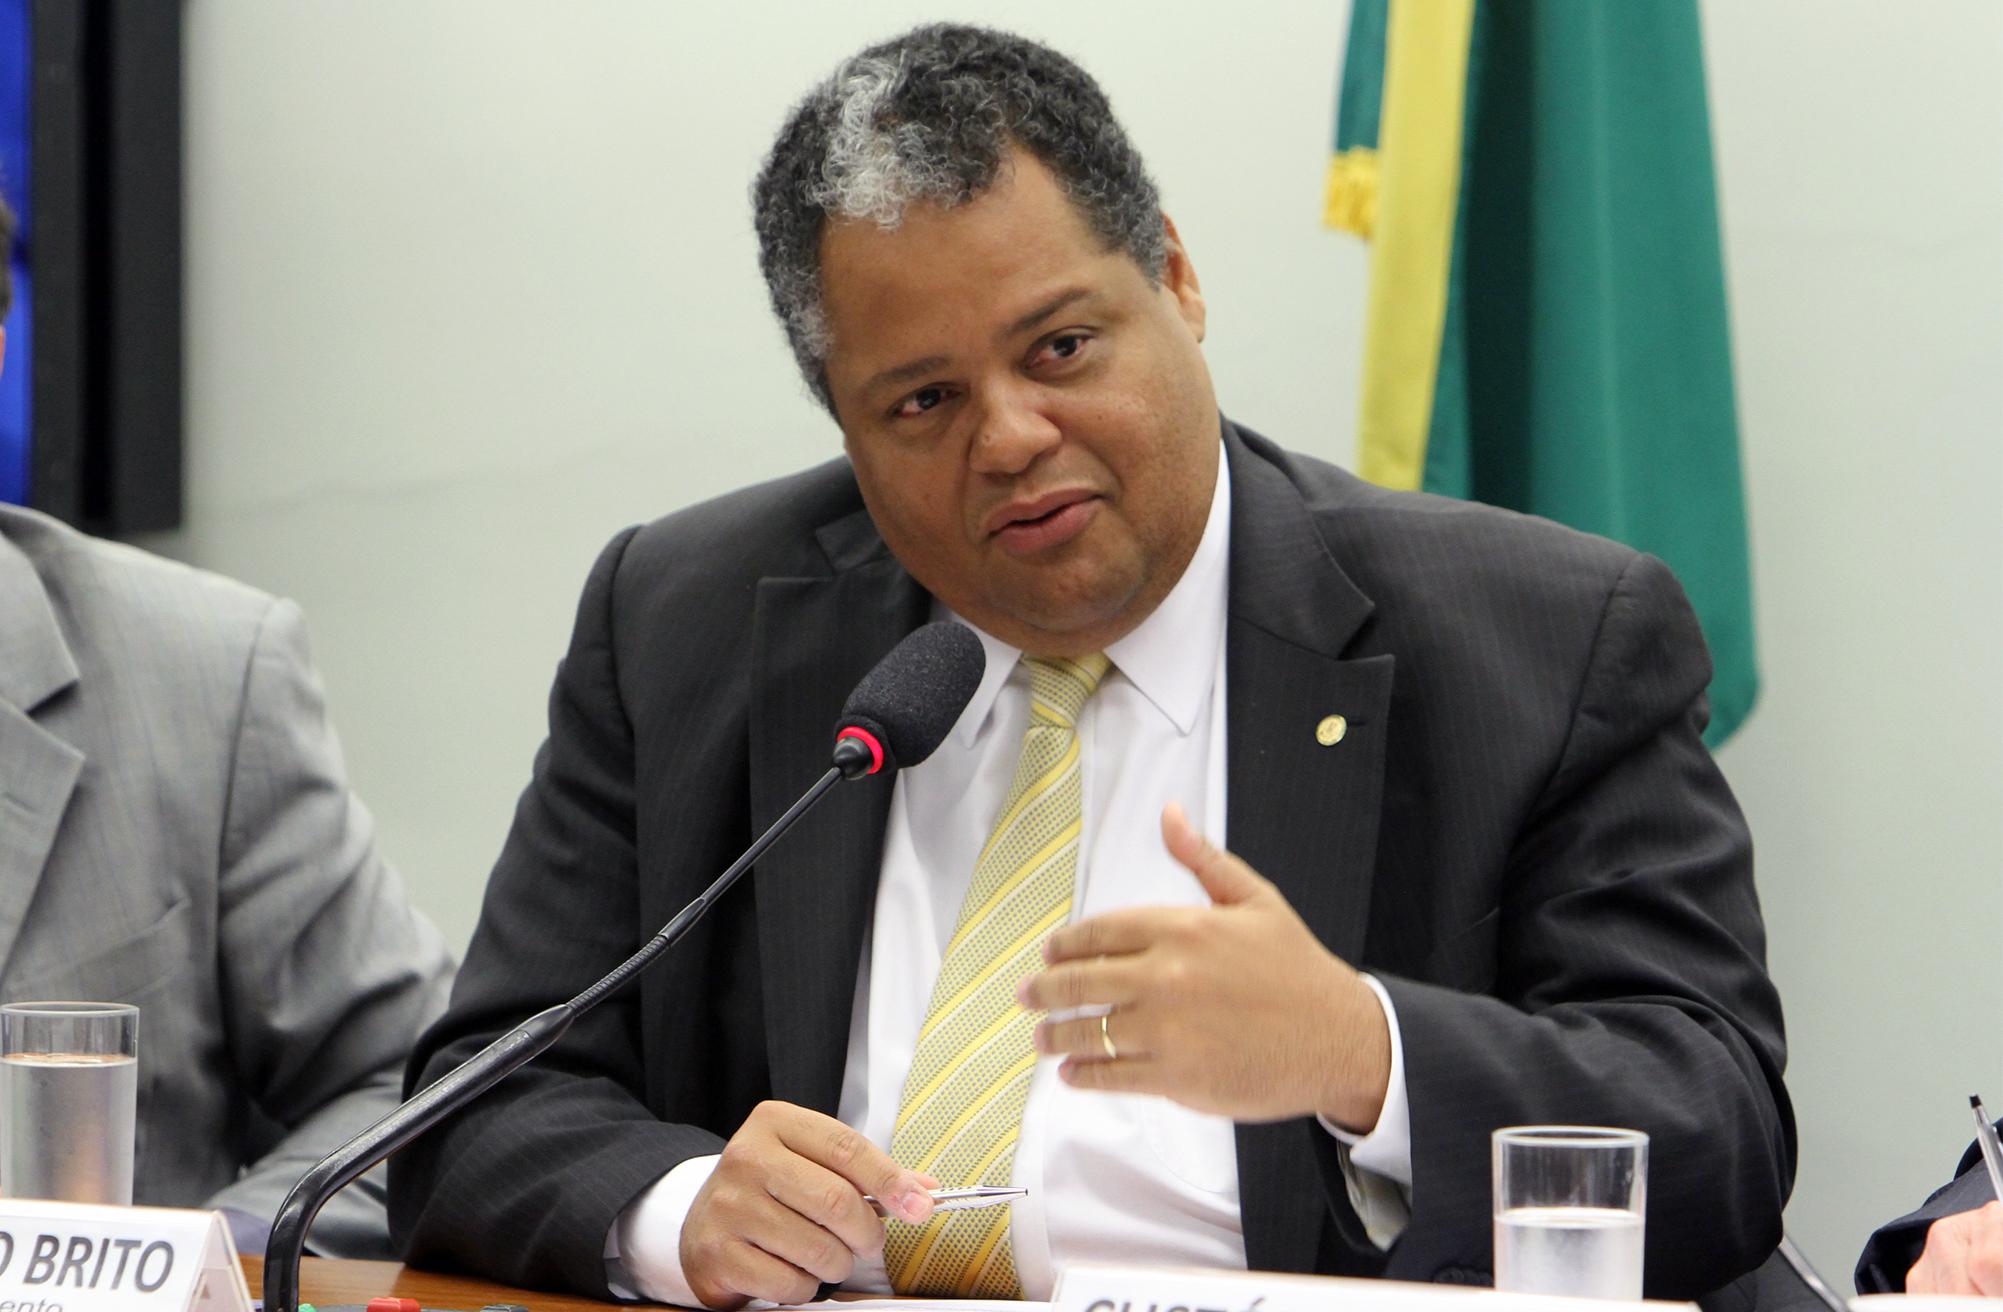 Audiência pública sobre a instituição do Dia Nacional da Filantropia. Dep. Antonio Brito (PSD - BA)